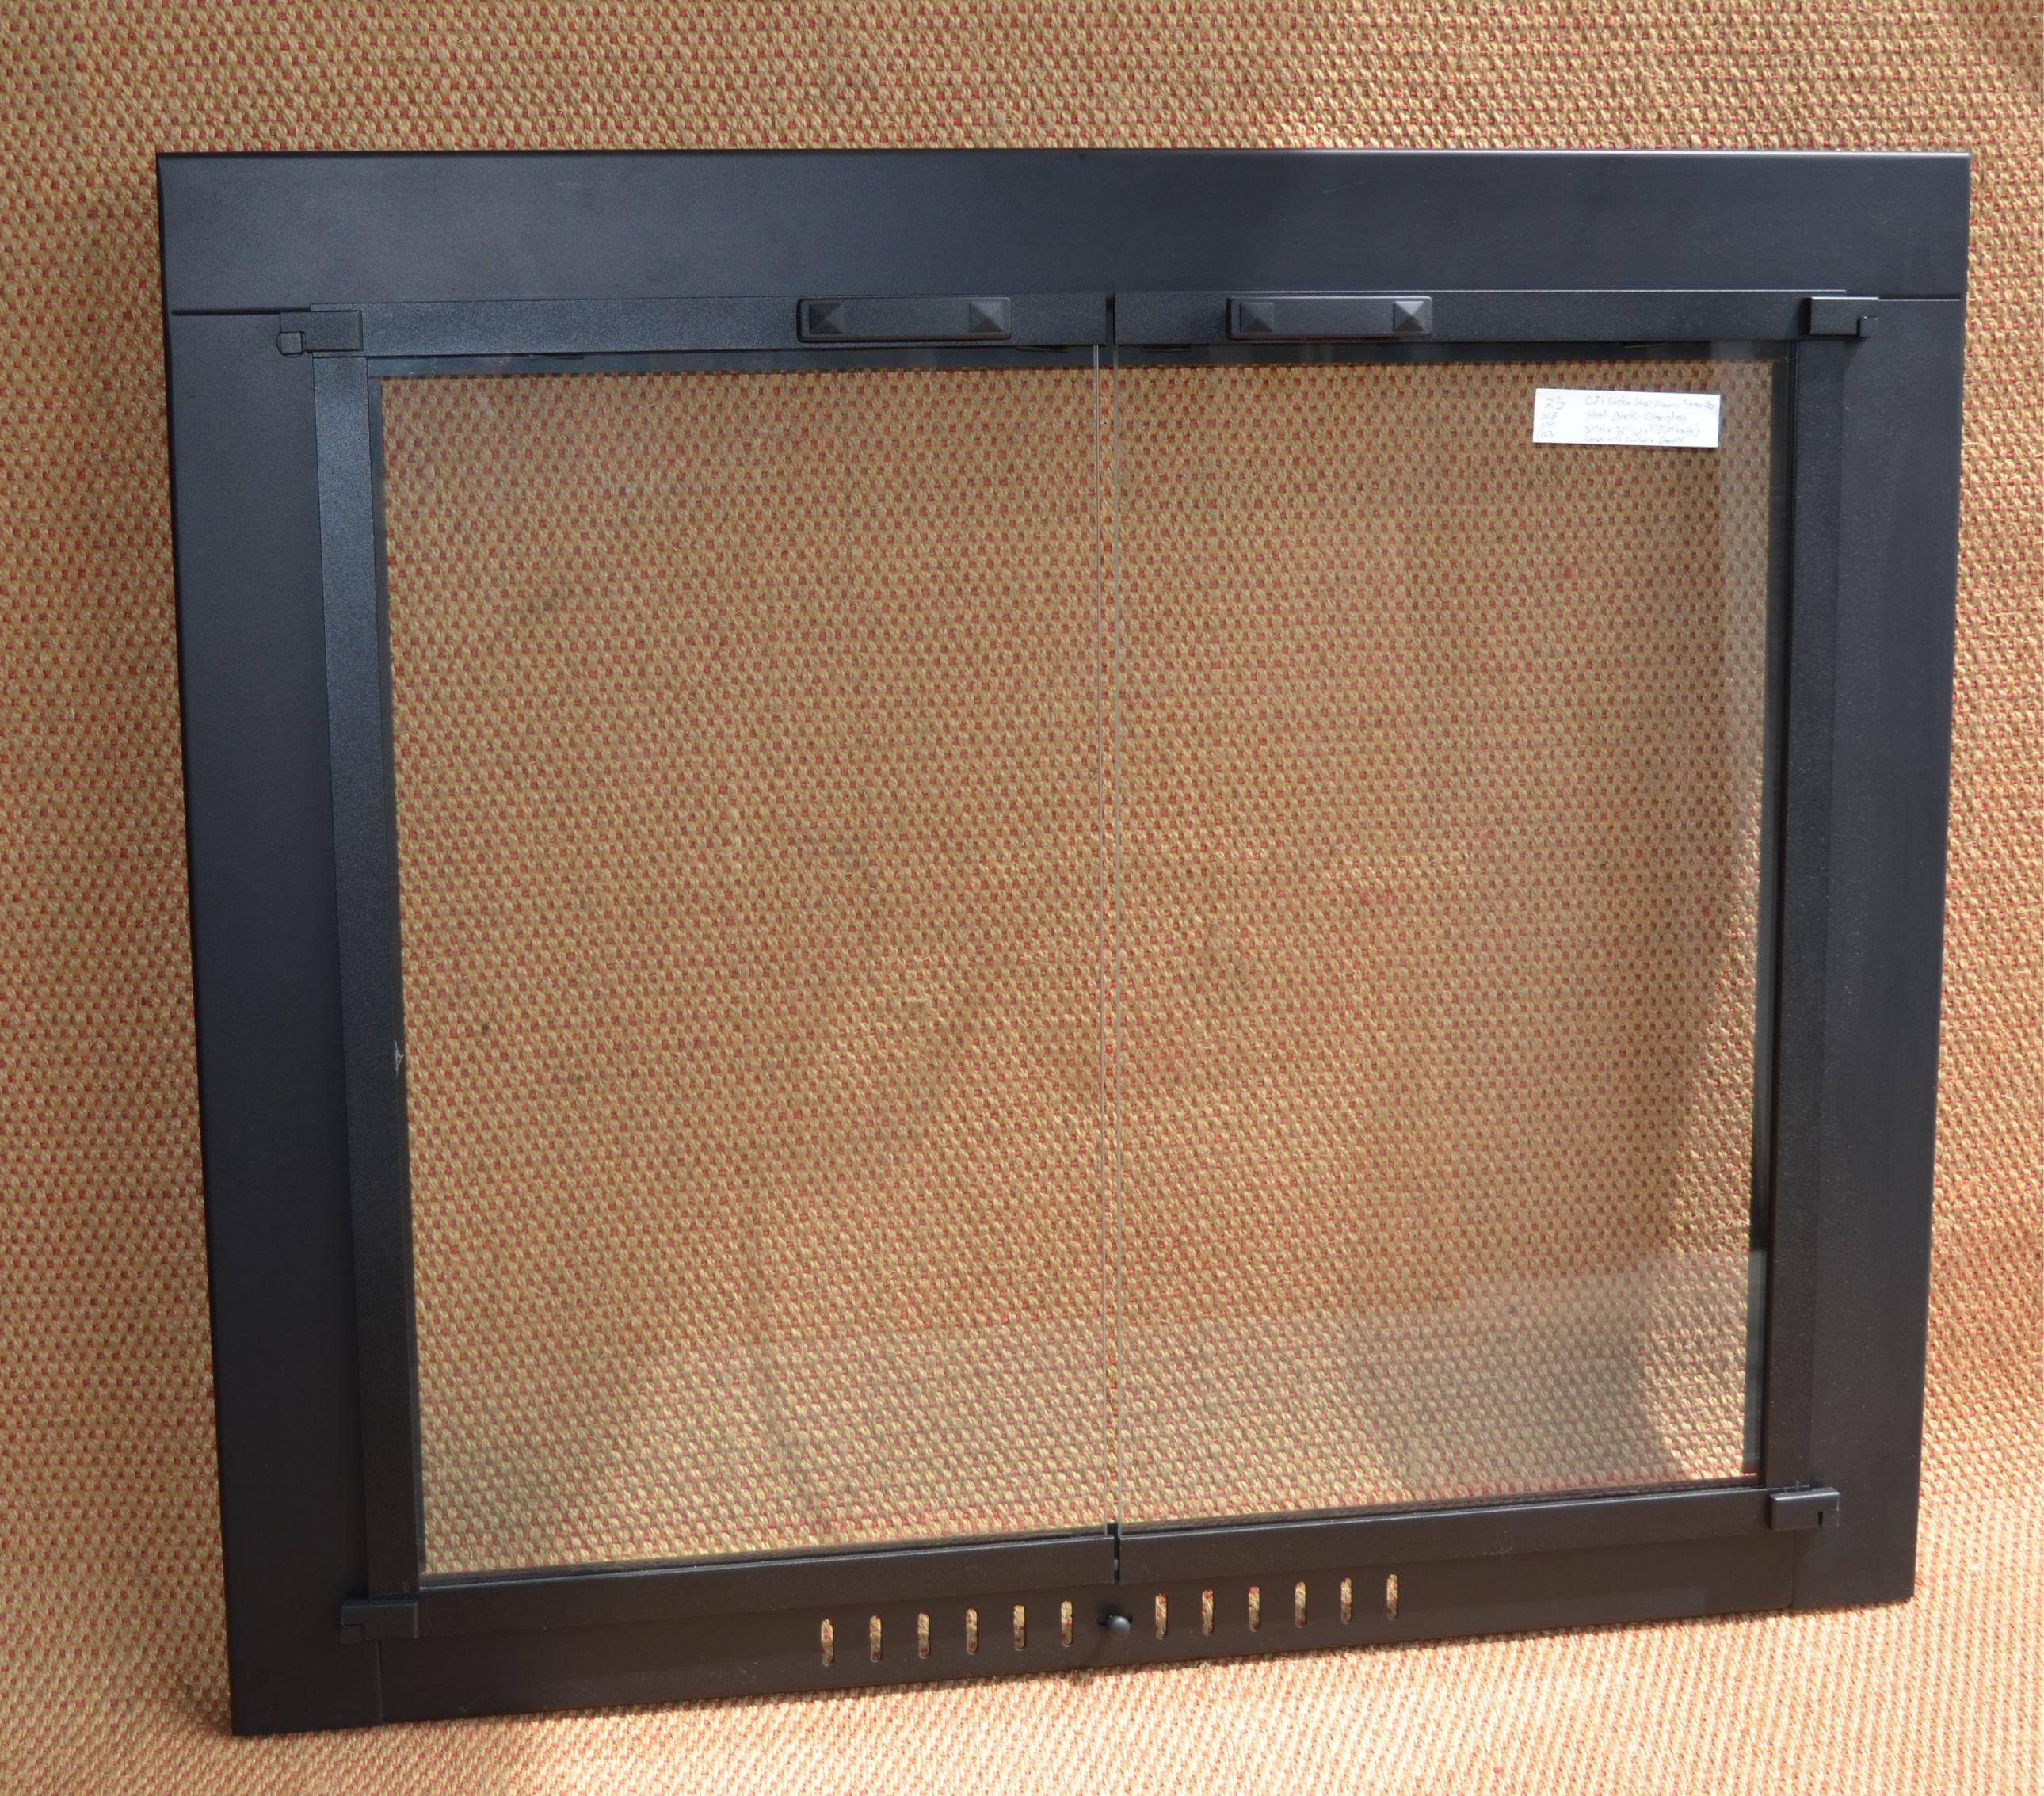 3631 pioneer fireplace door in matte black finish